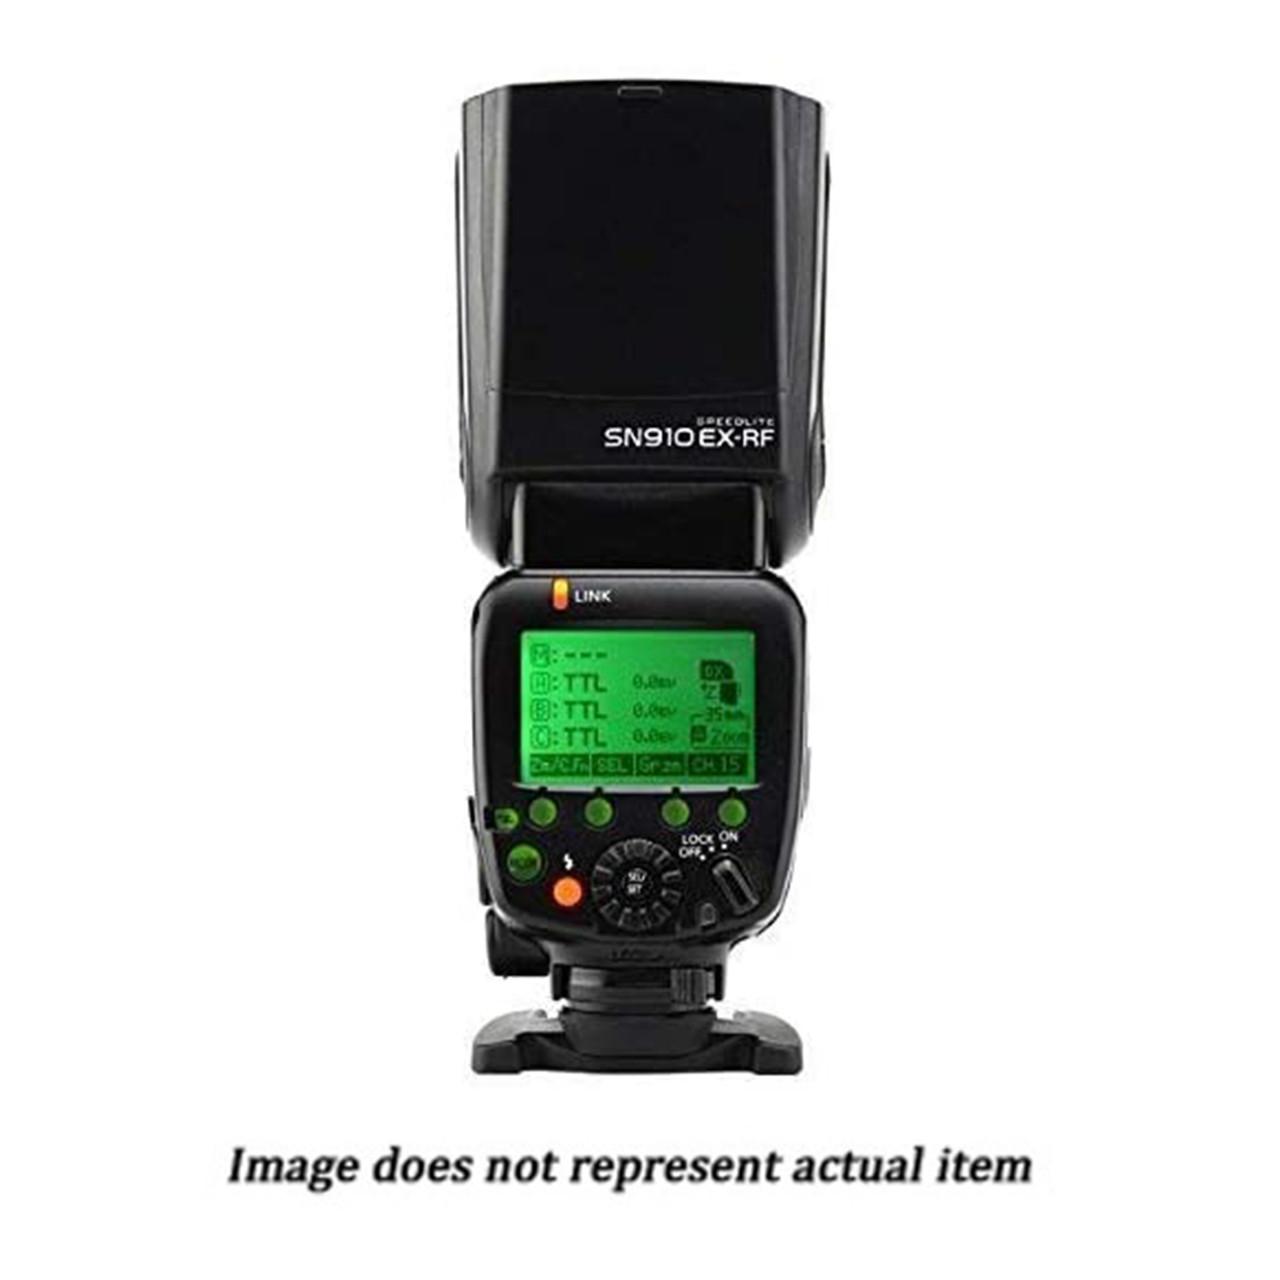 Shanny SN910EX-RF Flash for Nikon (USED) - S/N 12850314